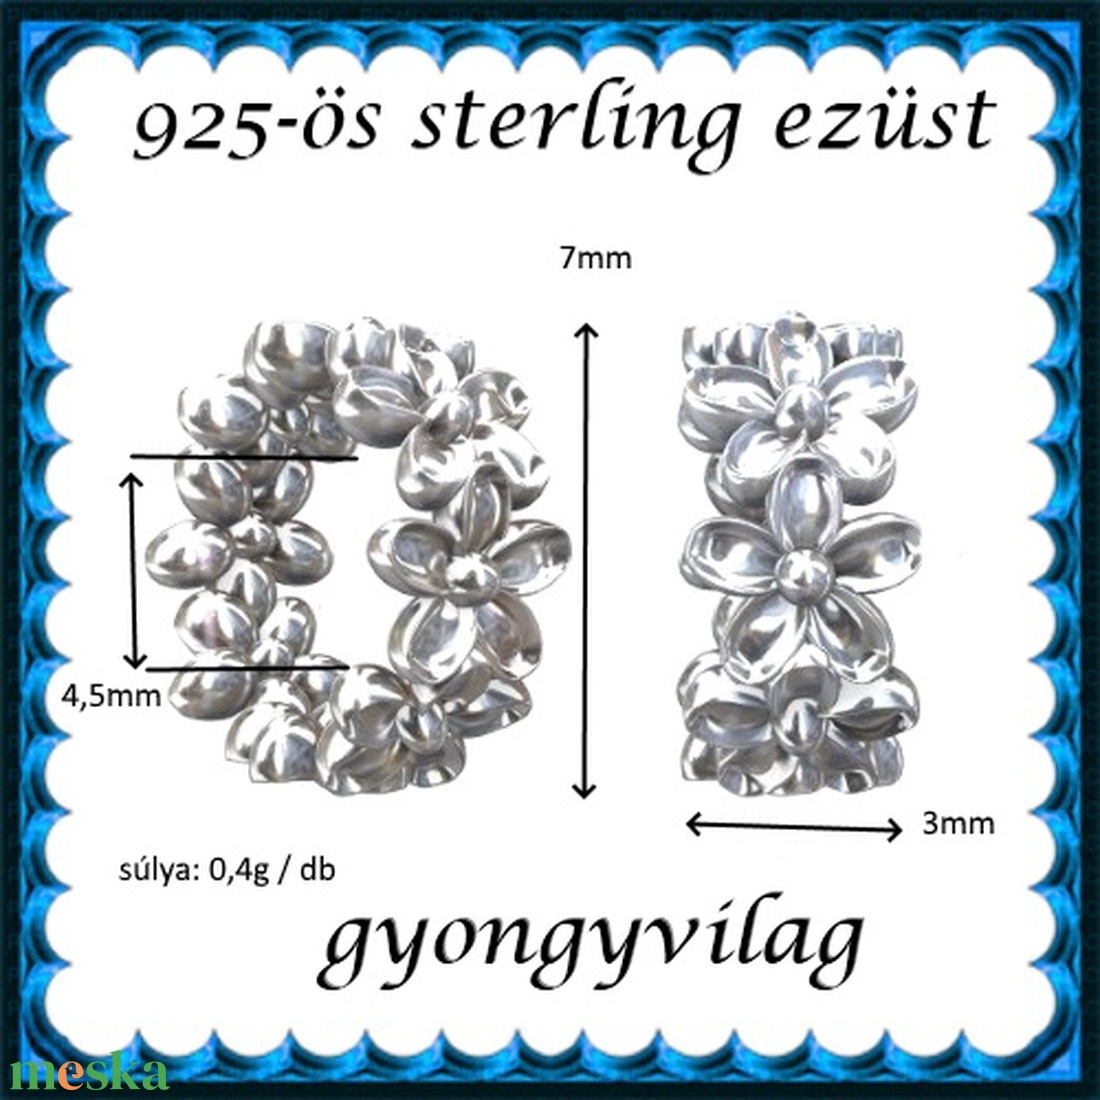 925-ös sterling ezüst ékszerkellék: köztes / gyöngy / dísz EKÖ 66e - gyöngy, ékszerkellék - egyéb alkatrész - Meska.hu